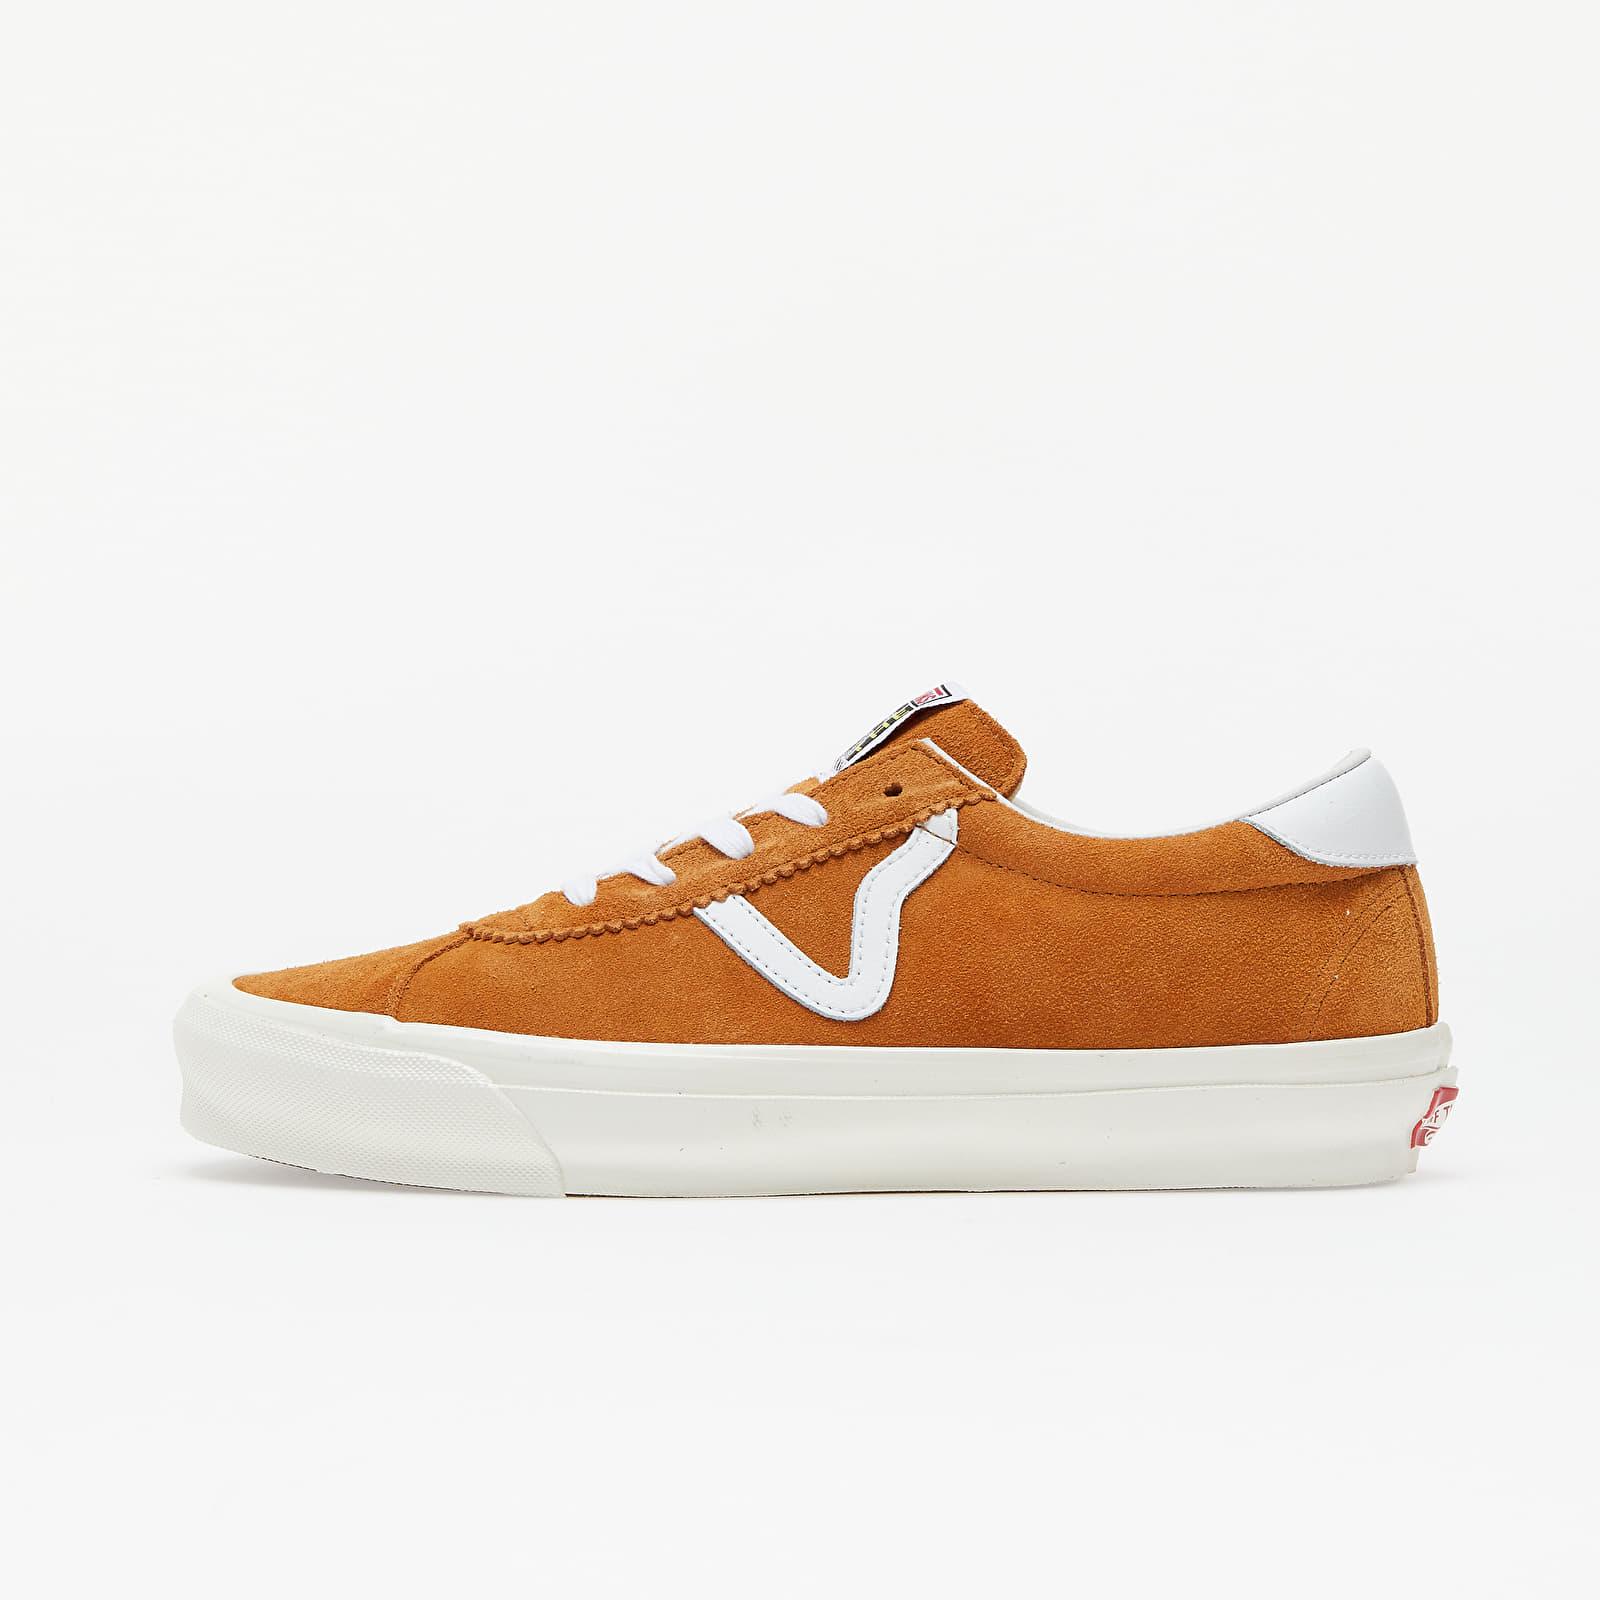 Pánske tenisky a topánky Vans OG Epoch LX (Suede) Pumpkin Spice/ Henna